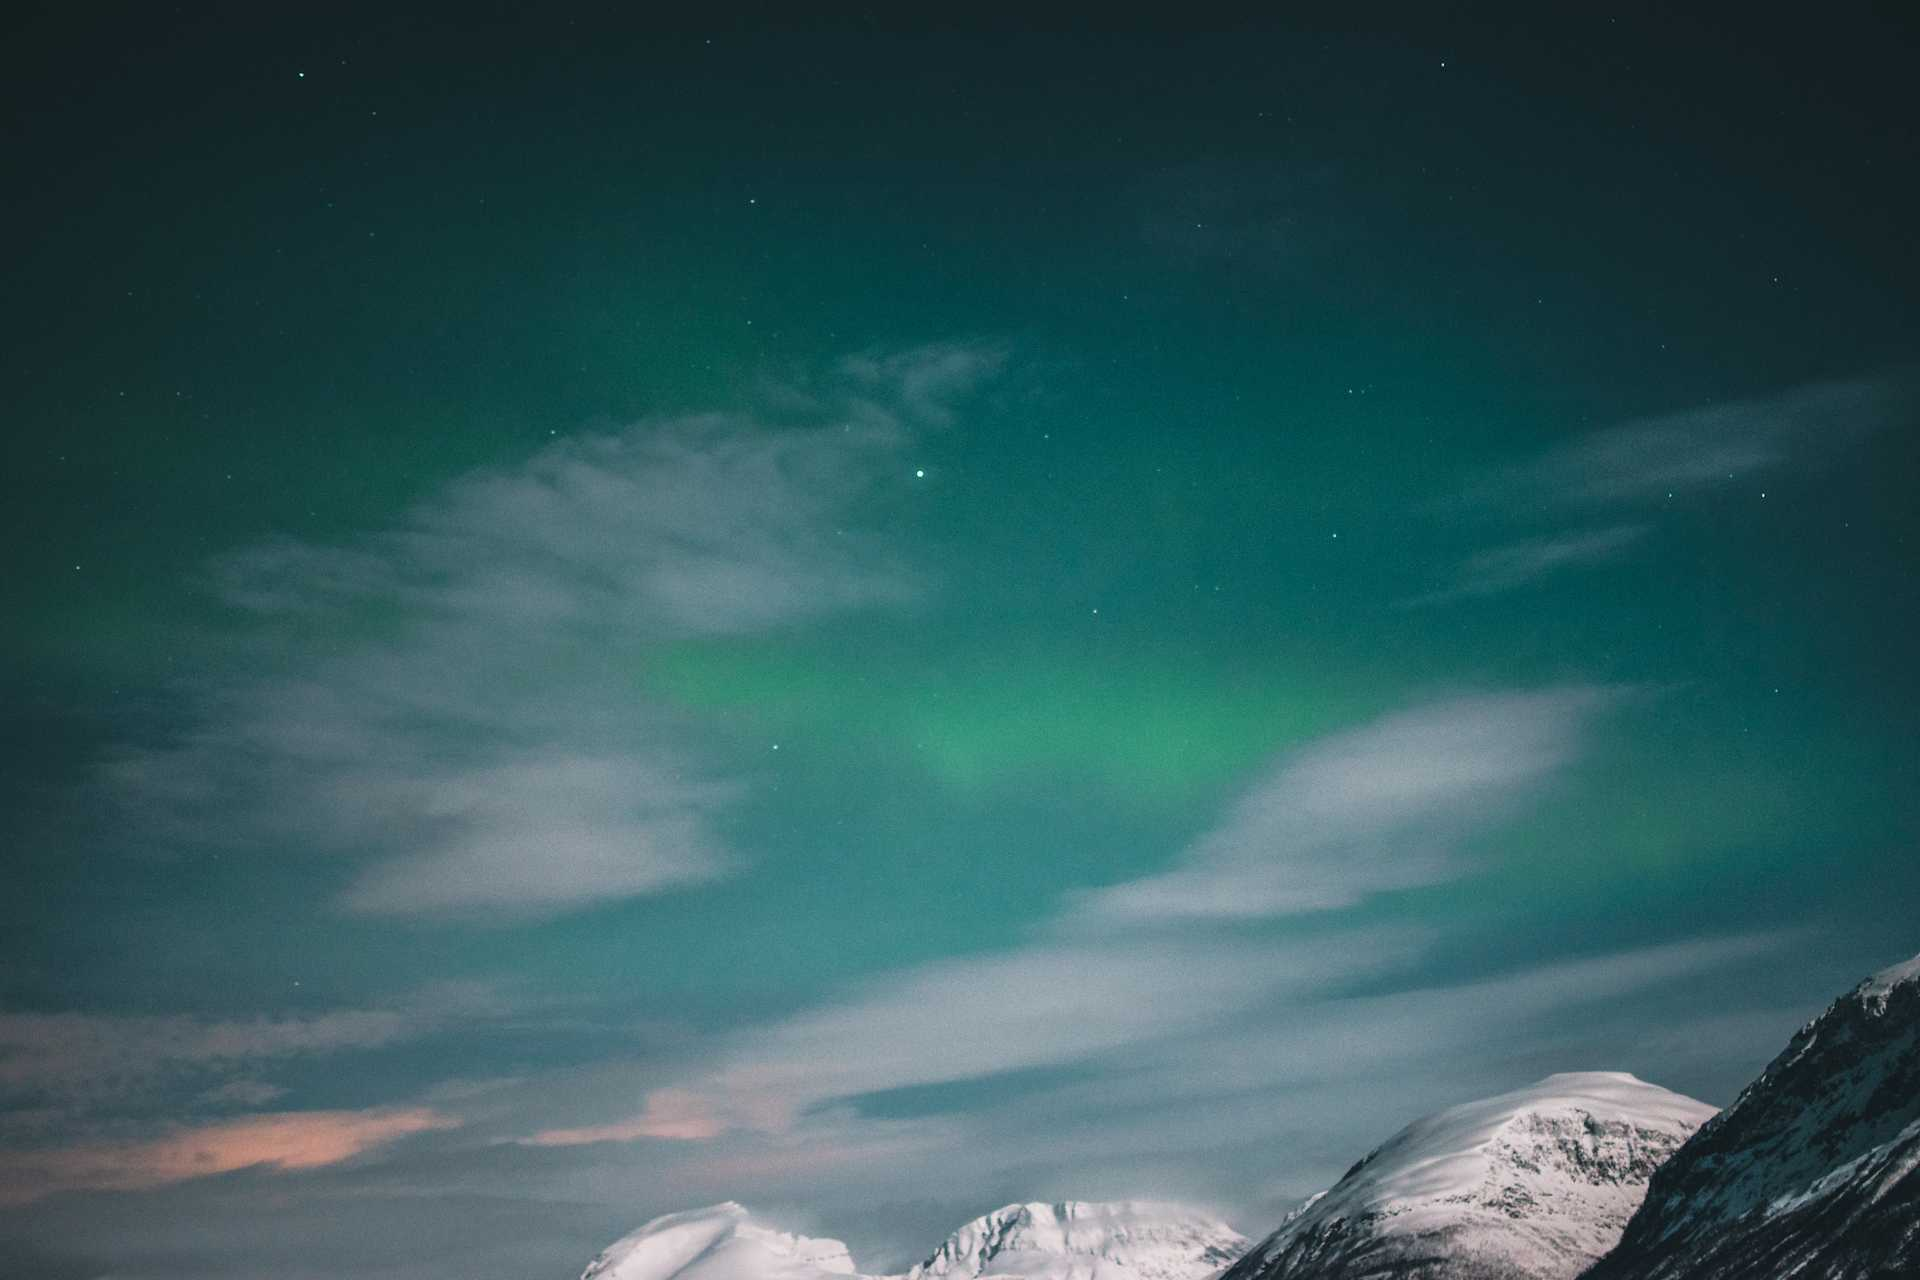 zorza wokolicach Tromso